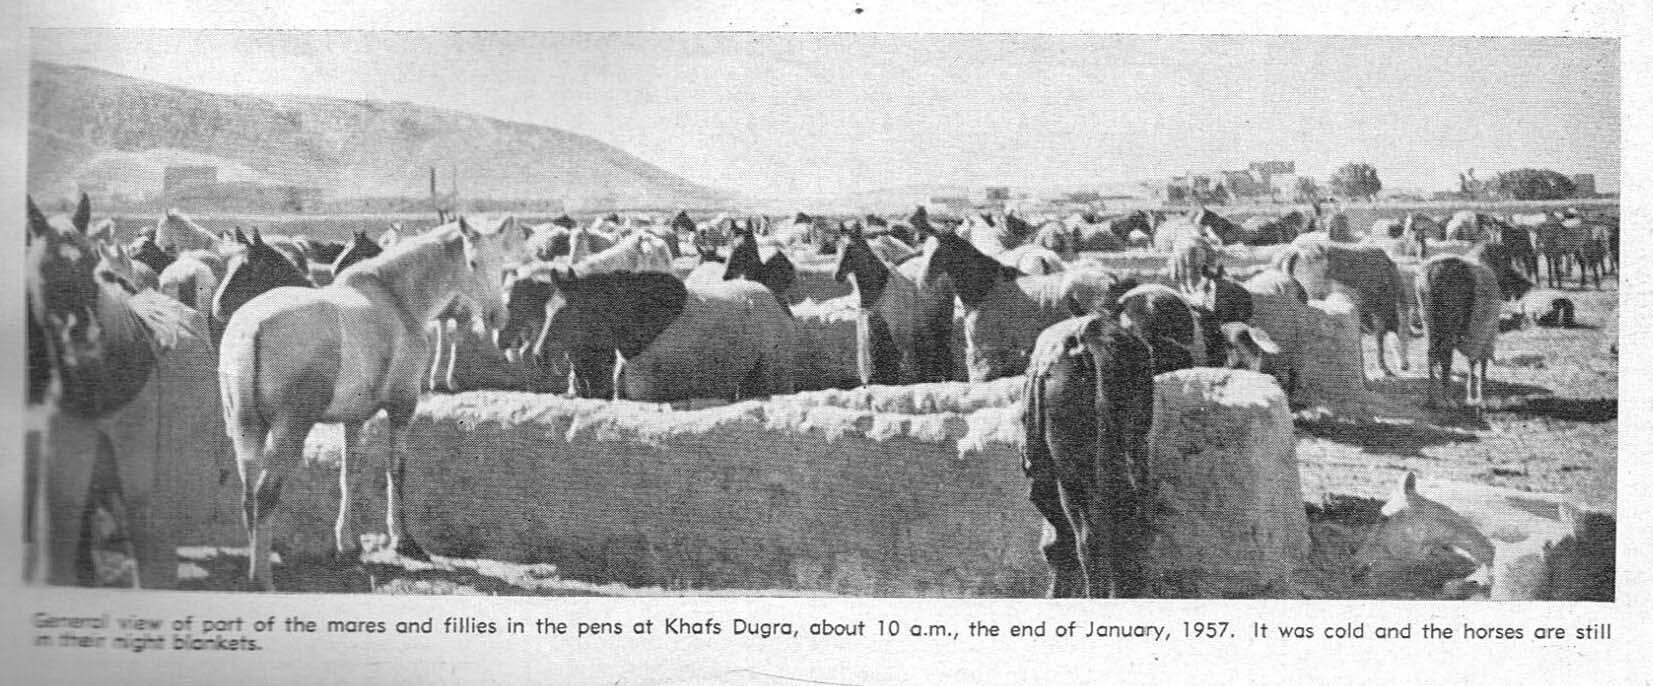 قرابة 800 رأس من خيل الملك عبد العزيز العربية في مربطها في خفس دقرة جنوب مدينة الخرج عام 1957 ميلادية